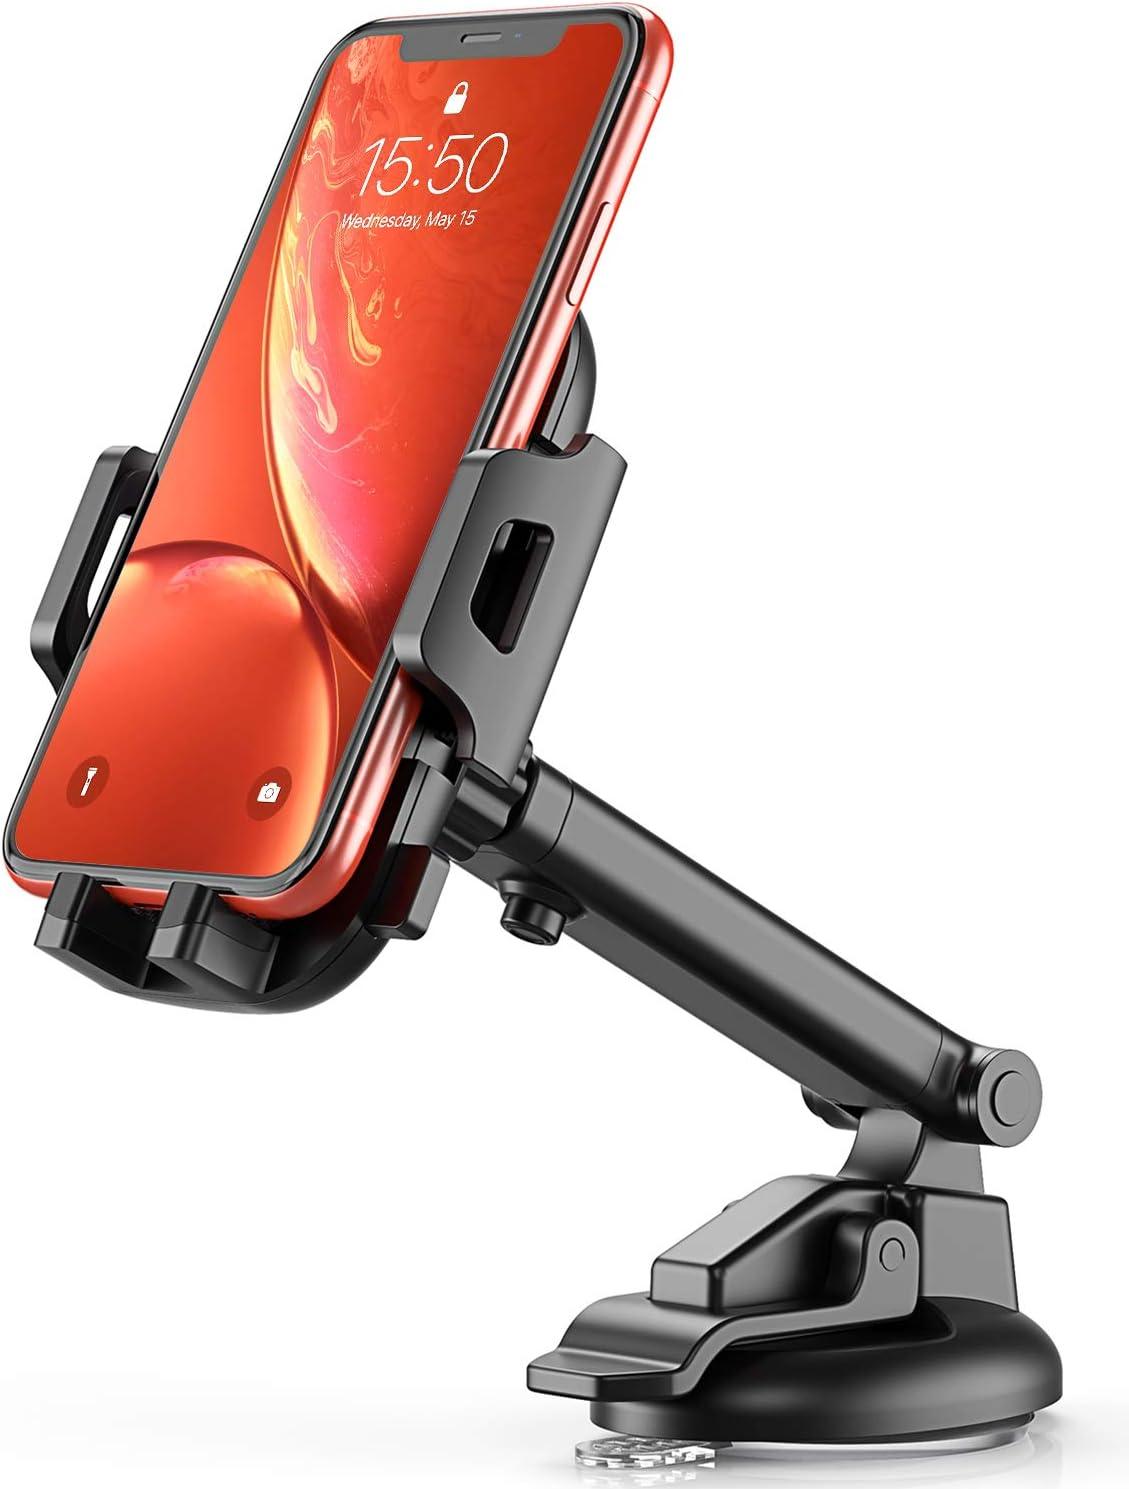 Bovon Soporte Móvil Coche de Rejillas de Ventilación, 360 Grados Rotación Base de Montaje Doble, Soporte de Teléfonos para iPhone X XS MAX XR 8 7 6 Plus, Samsung S9 S8 Sony